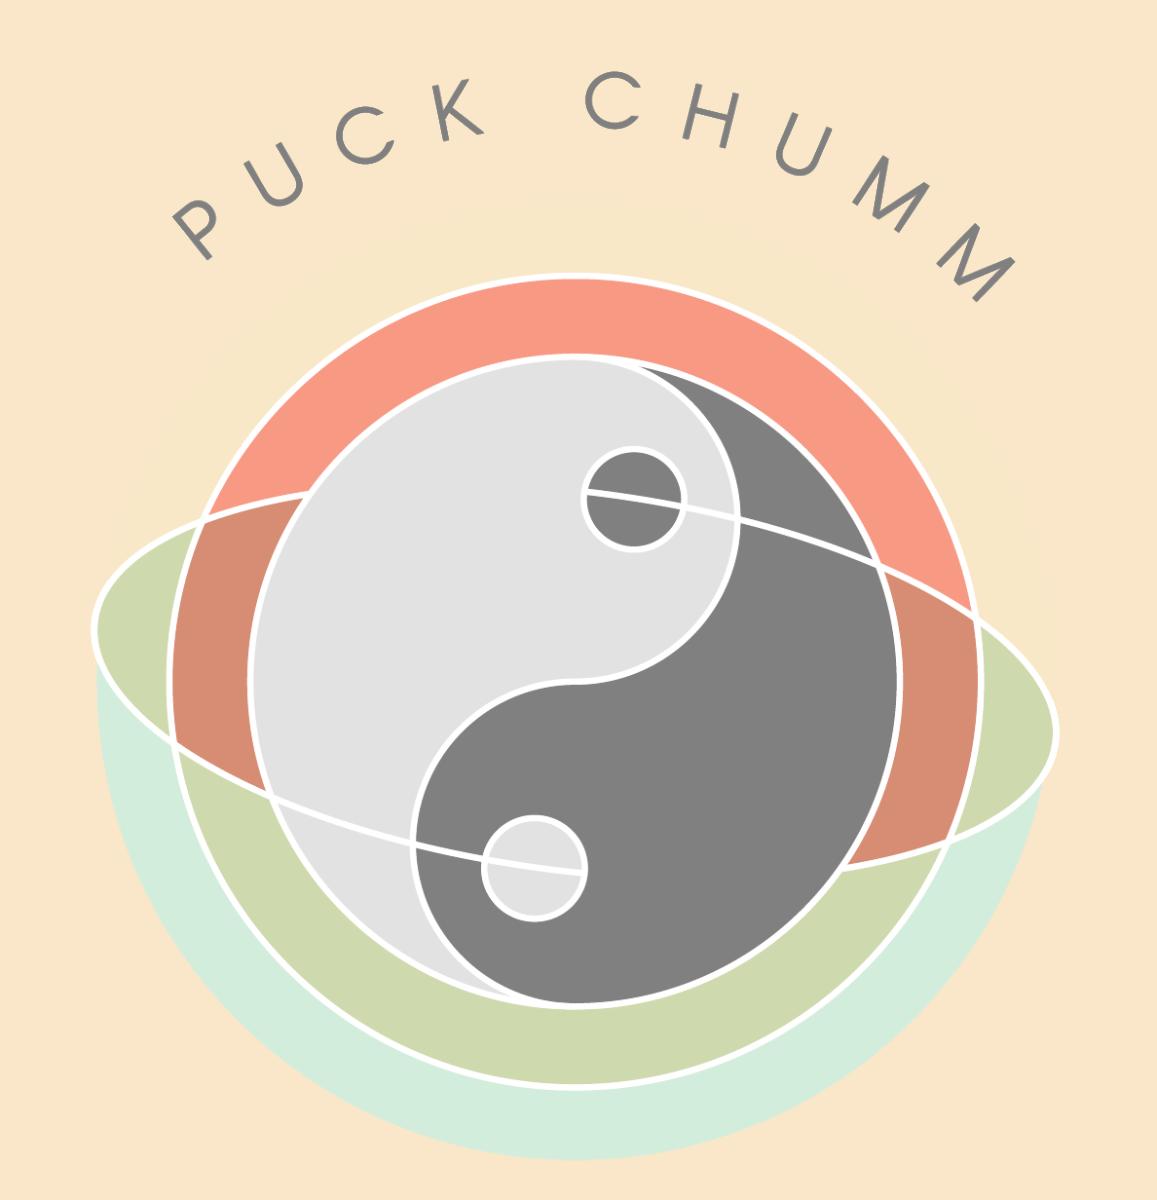 CA_PUCKCHUM_logo_2-01